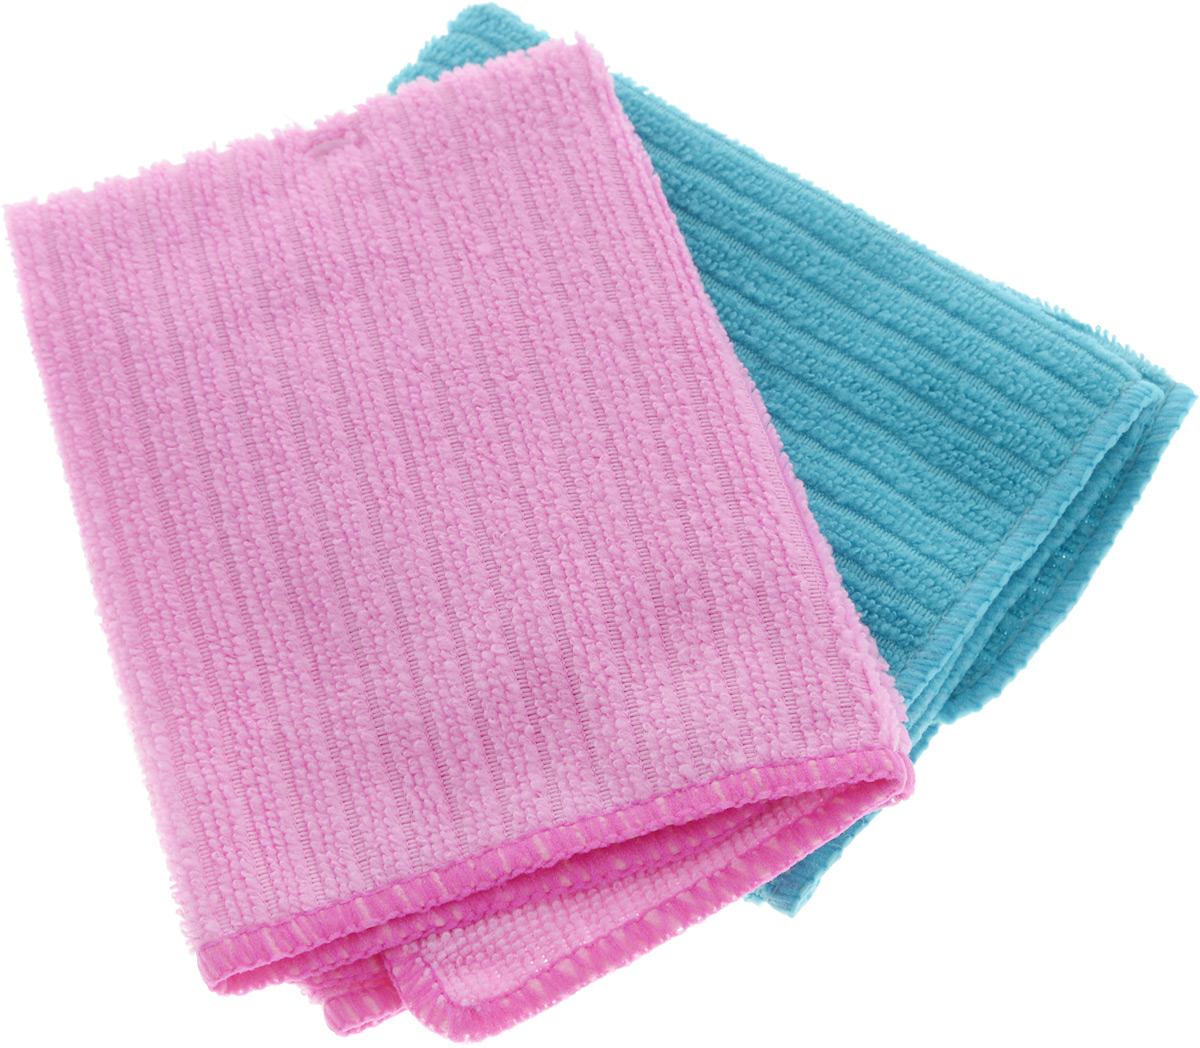 Салфетка из микрофибры Home Queen, цвет: бирюзовый, розовый, 30 х 30 см, 2 шт57048_бирюзовый, розовыйСалфетка Home Queen изготовлена из микрофибры (100% полиэстер). Это великолепная гипоаллергенная ткань, изготовленная из тончайших полимерных микроволокон. Салфетка из микрофибры может поглощать количество пыли и влаги, в 7 раз превышающее ее собственный вес. Многочисленные поры между микроволокнами, благодаря капиллярному эффекту, мгновенно впитывают воду, подобно губке. Благодаря мелким порам микроволокна, любые капельки, остающиеся на чистящей поверхности, очень быстро испаряются, и остается чистая дорожка без полос и разводов. В сухом виде при вытирании поверхности волокна микрофибры электризуются и притягивают к себе микробов, мельчайшие частицы пыли и грязи, удерживая их в своих микропорах. Размер салфетки: 30 х 30 см.